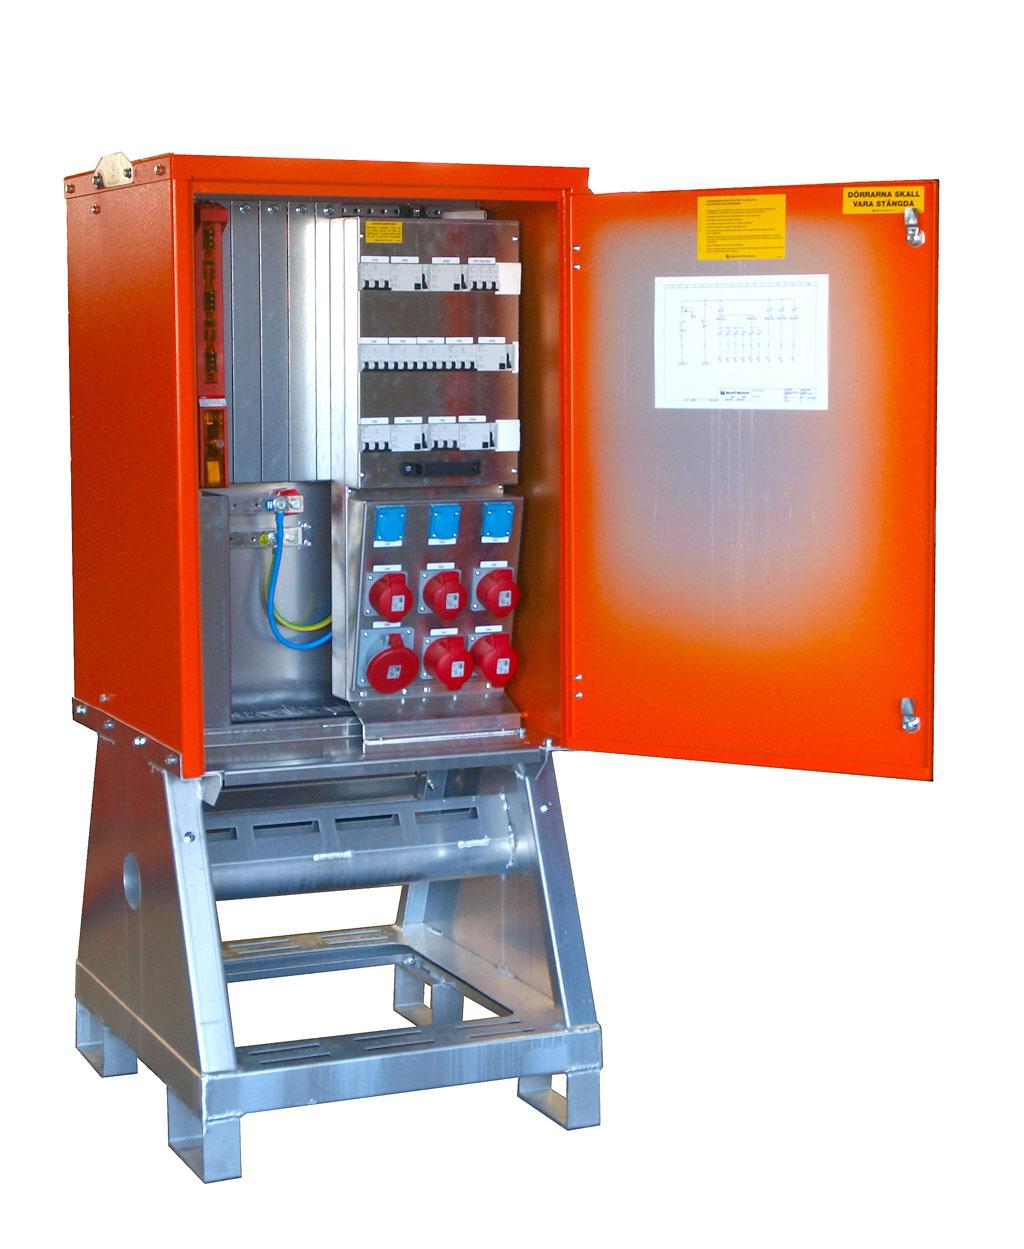 Matningscentraler-ZFSF125-1-3321-41-oppen1